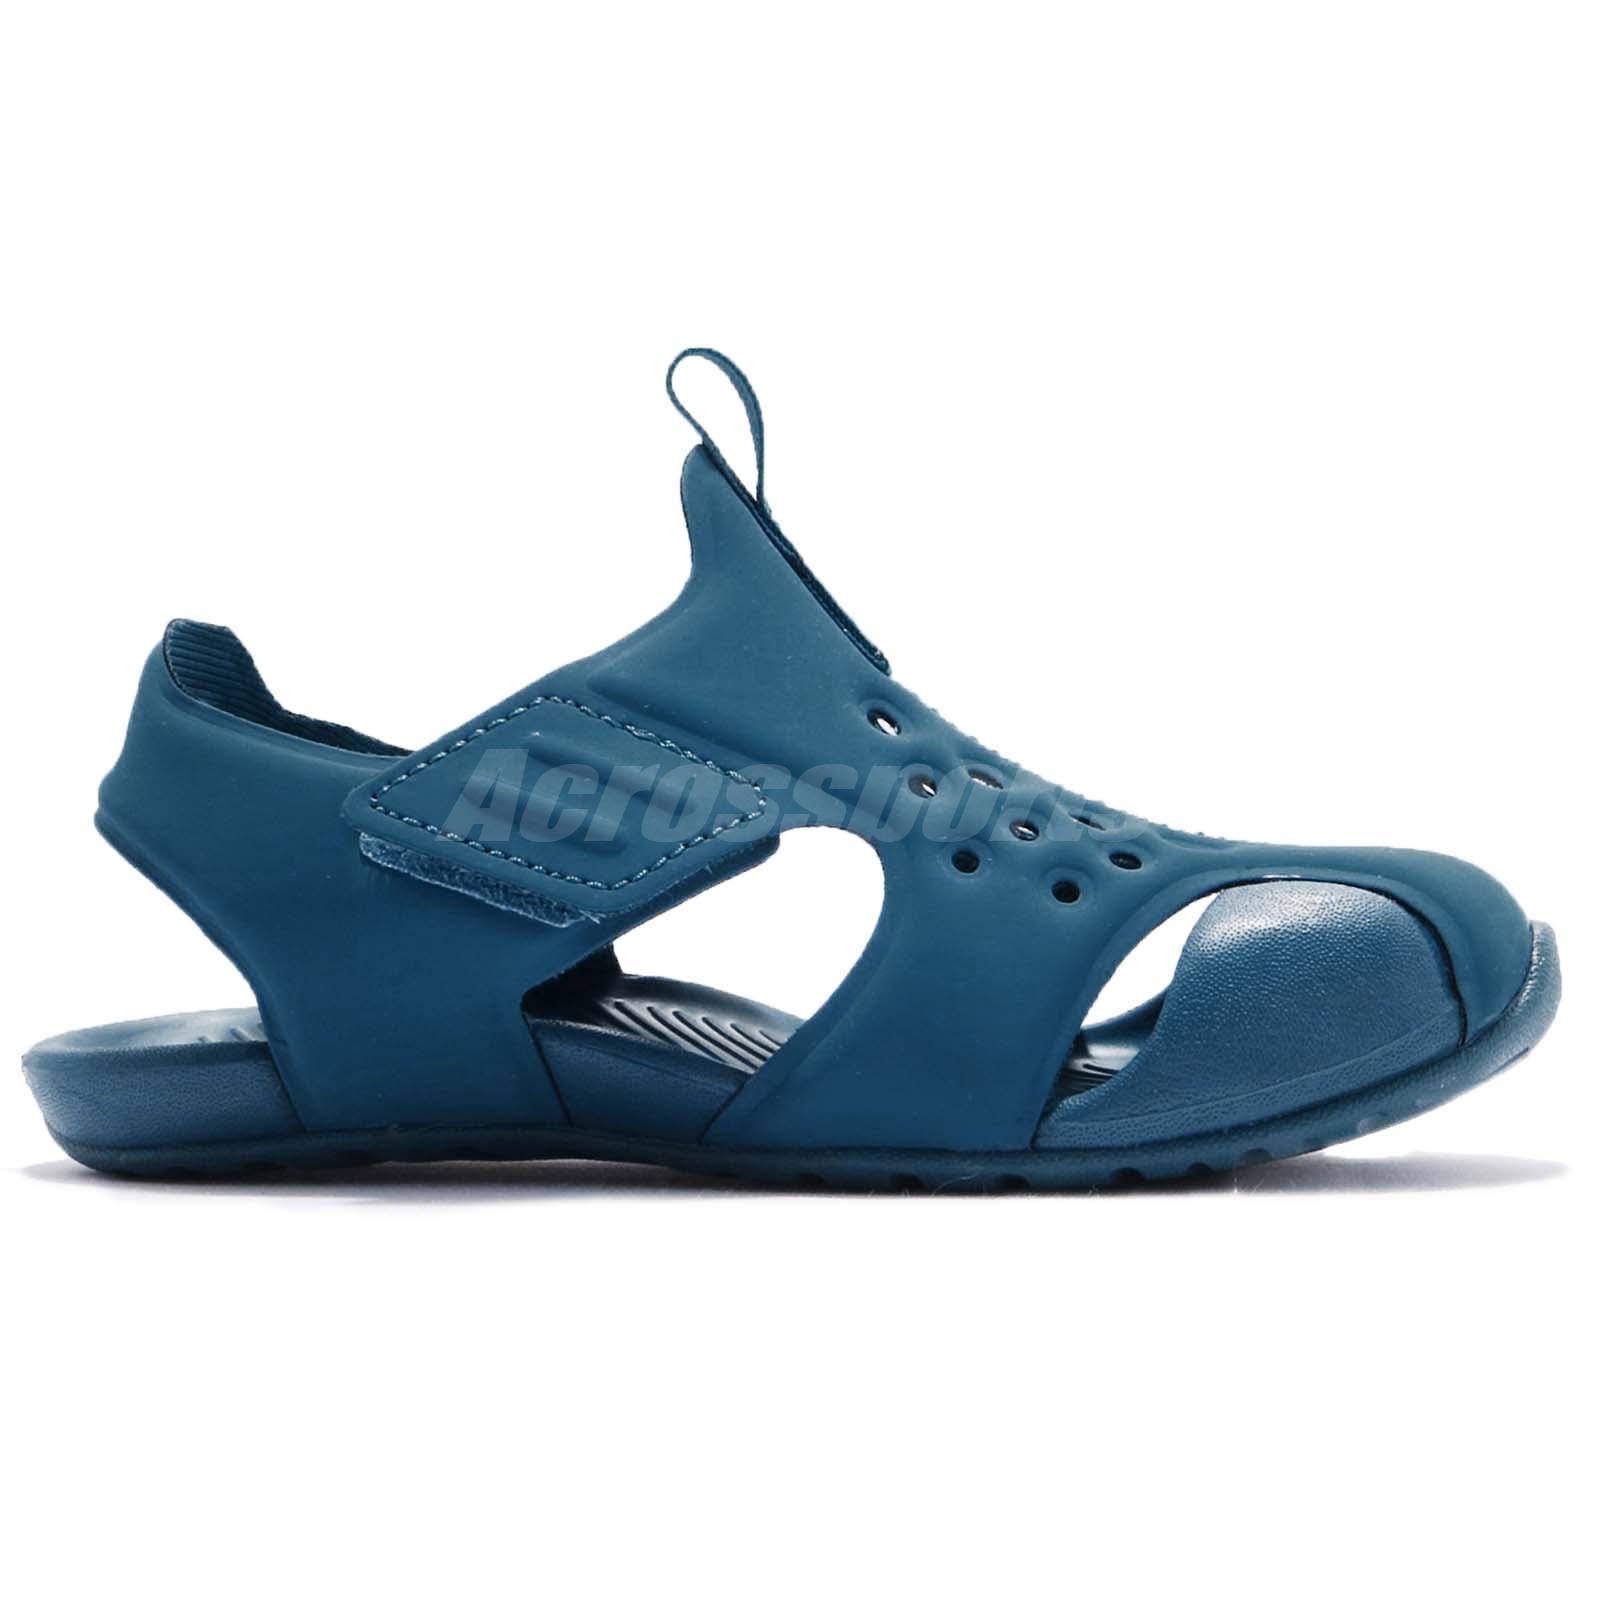 800d40b0e1d1 Nike Sunray Protect 2 TD Green Abysswhite Blue Toddler Infant Sandal ...